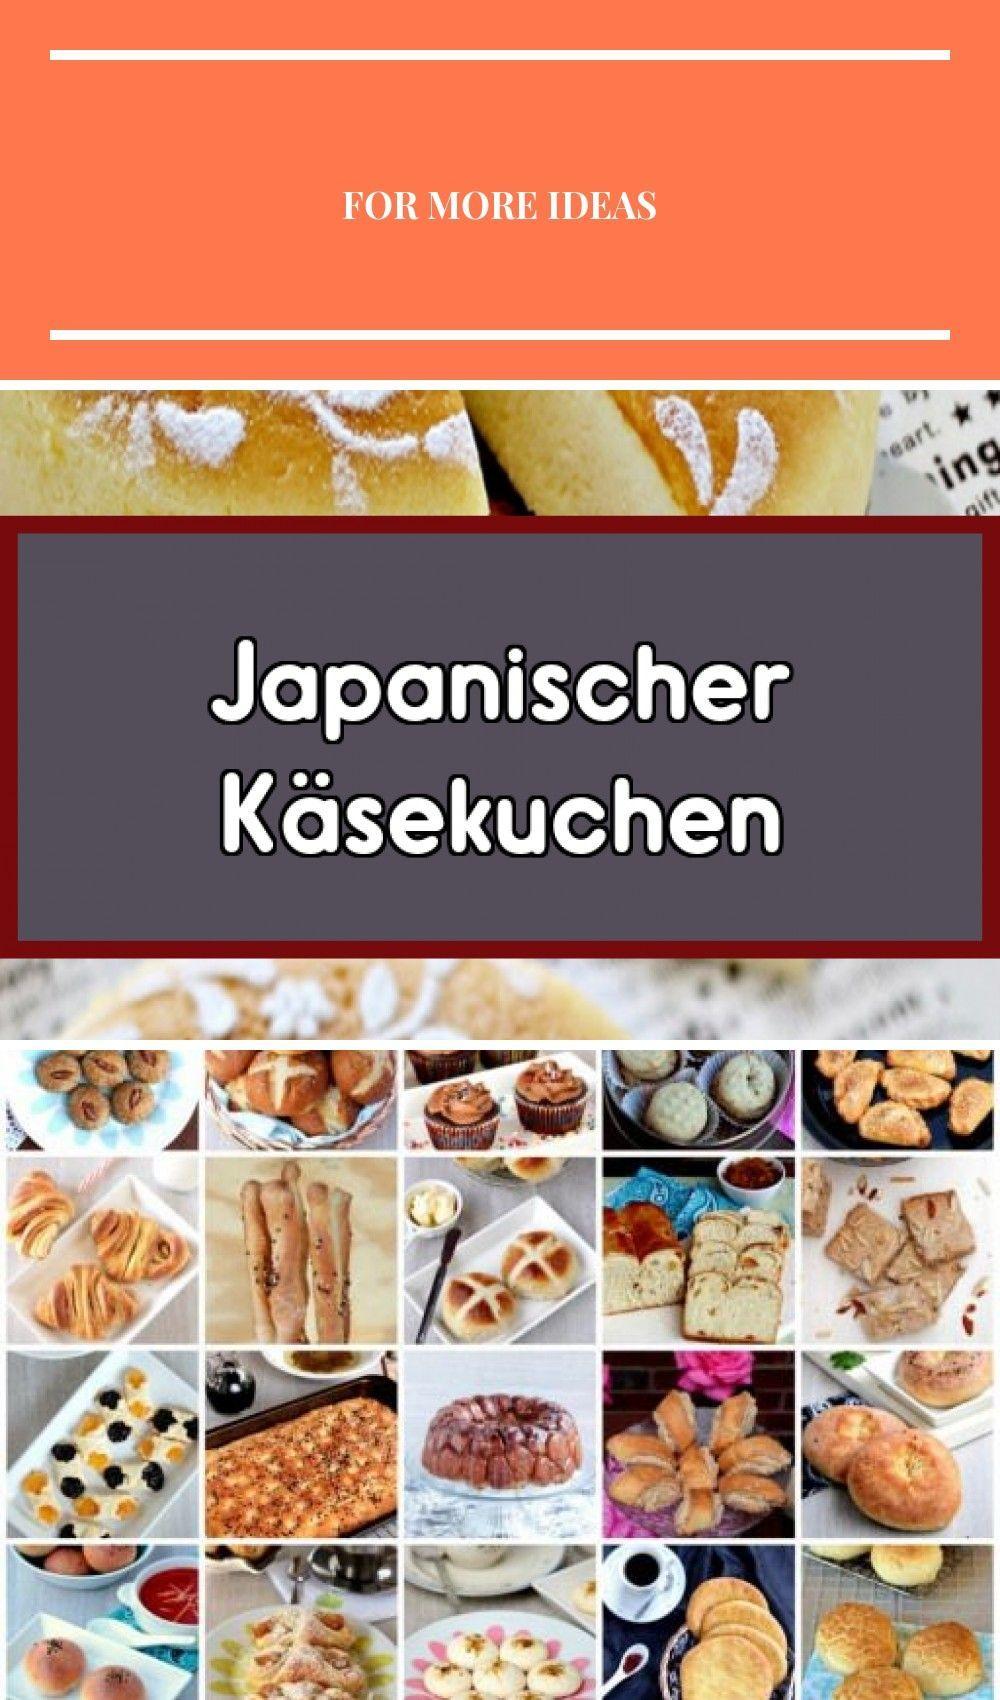 Japanischer Käsekuchen ist der einfachste Kuchen der Welt! Warum? Traditioneller japanese Cheesecake besteht nur aus drei Zutaten & ist ruckzuck gebacken. Dass er ein kleines Tänzchen tanzt liegt an seiner Fluffigkeit die er einer Extra-Portion Ei zu verdanken hat. Weltküche Japanischer Käsekuchen #japanischerkäsekuchen Japanischer Käsekuchen ist der einfachste Kuchen der Welt! Warum? Traditioneller japanese Cheesecake besteht nur aus drei Zutaten & ist ruckzuck gebacken. Dass er ein klein #japanischerkäsekuchen